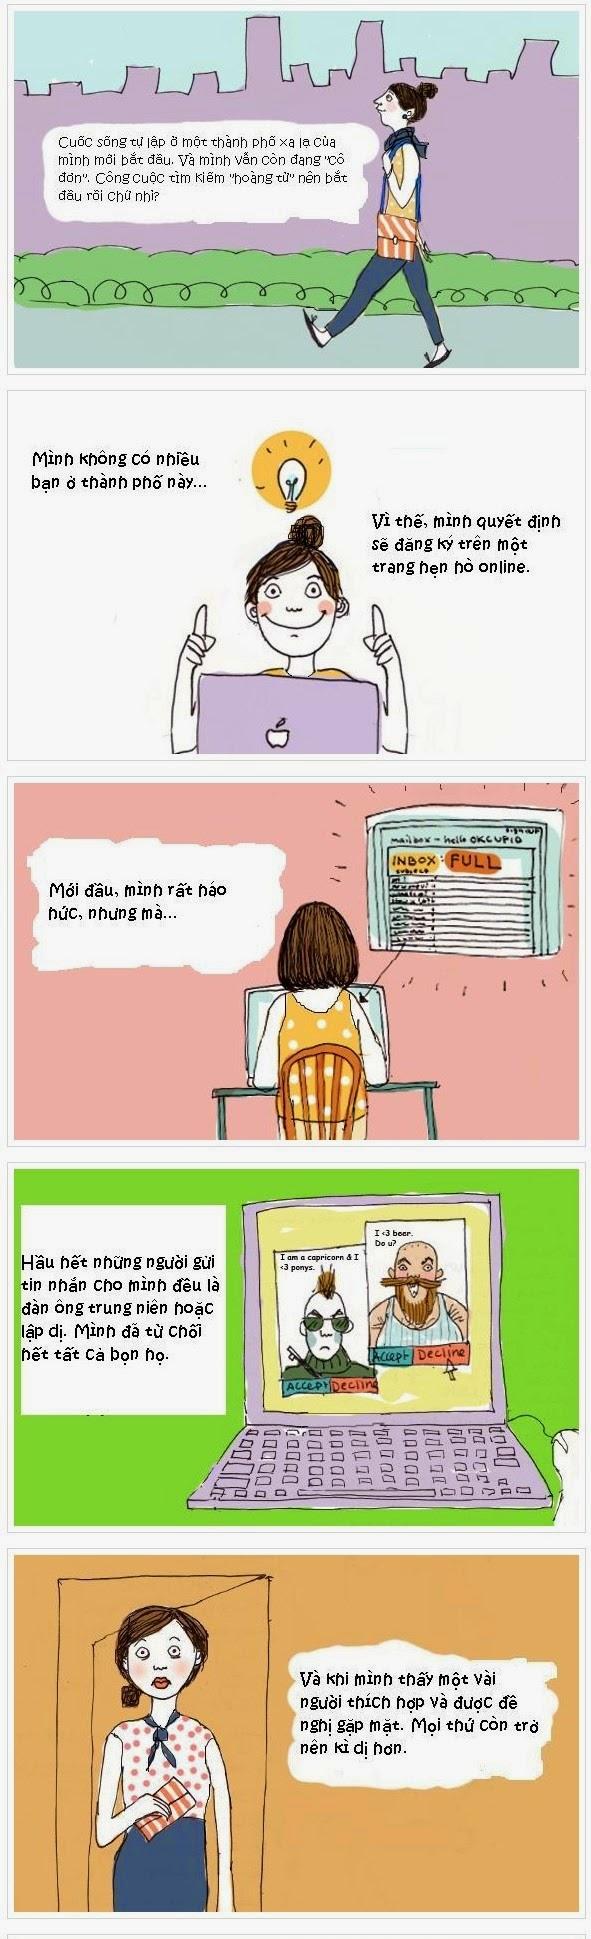 Đừng bao giờ tin vào những tình yêu online (y)